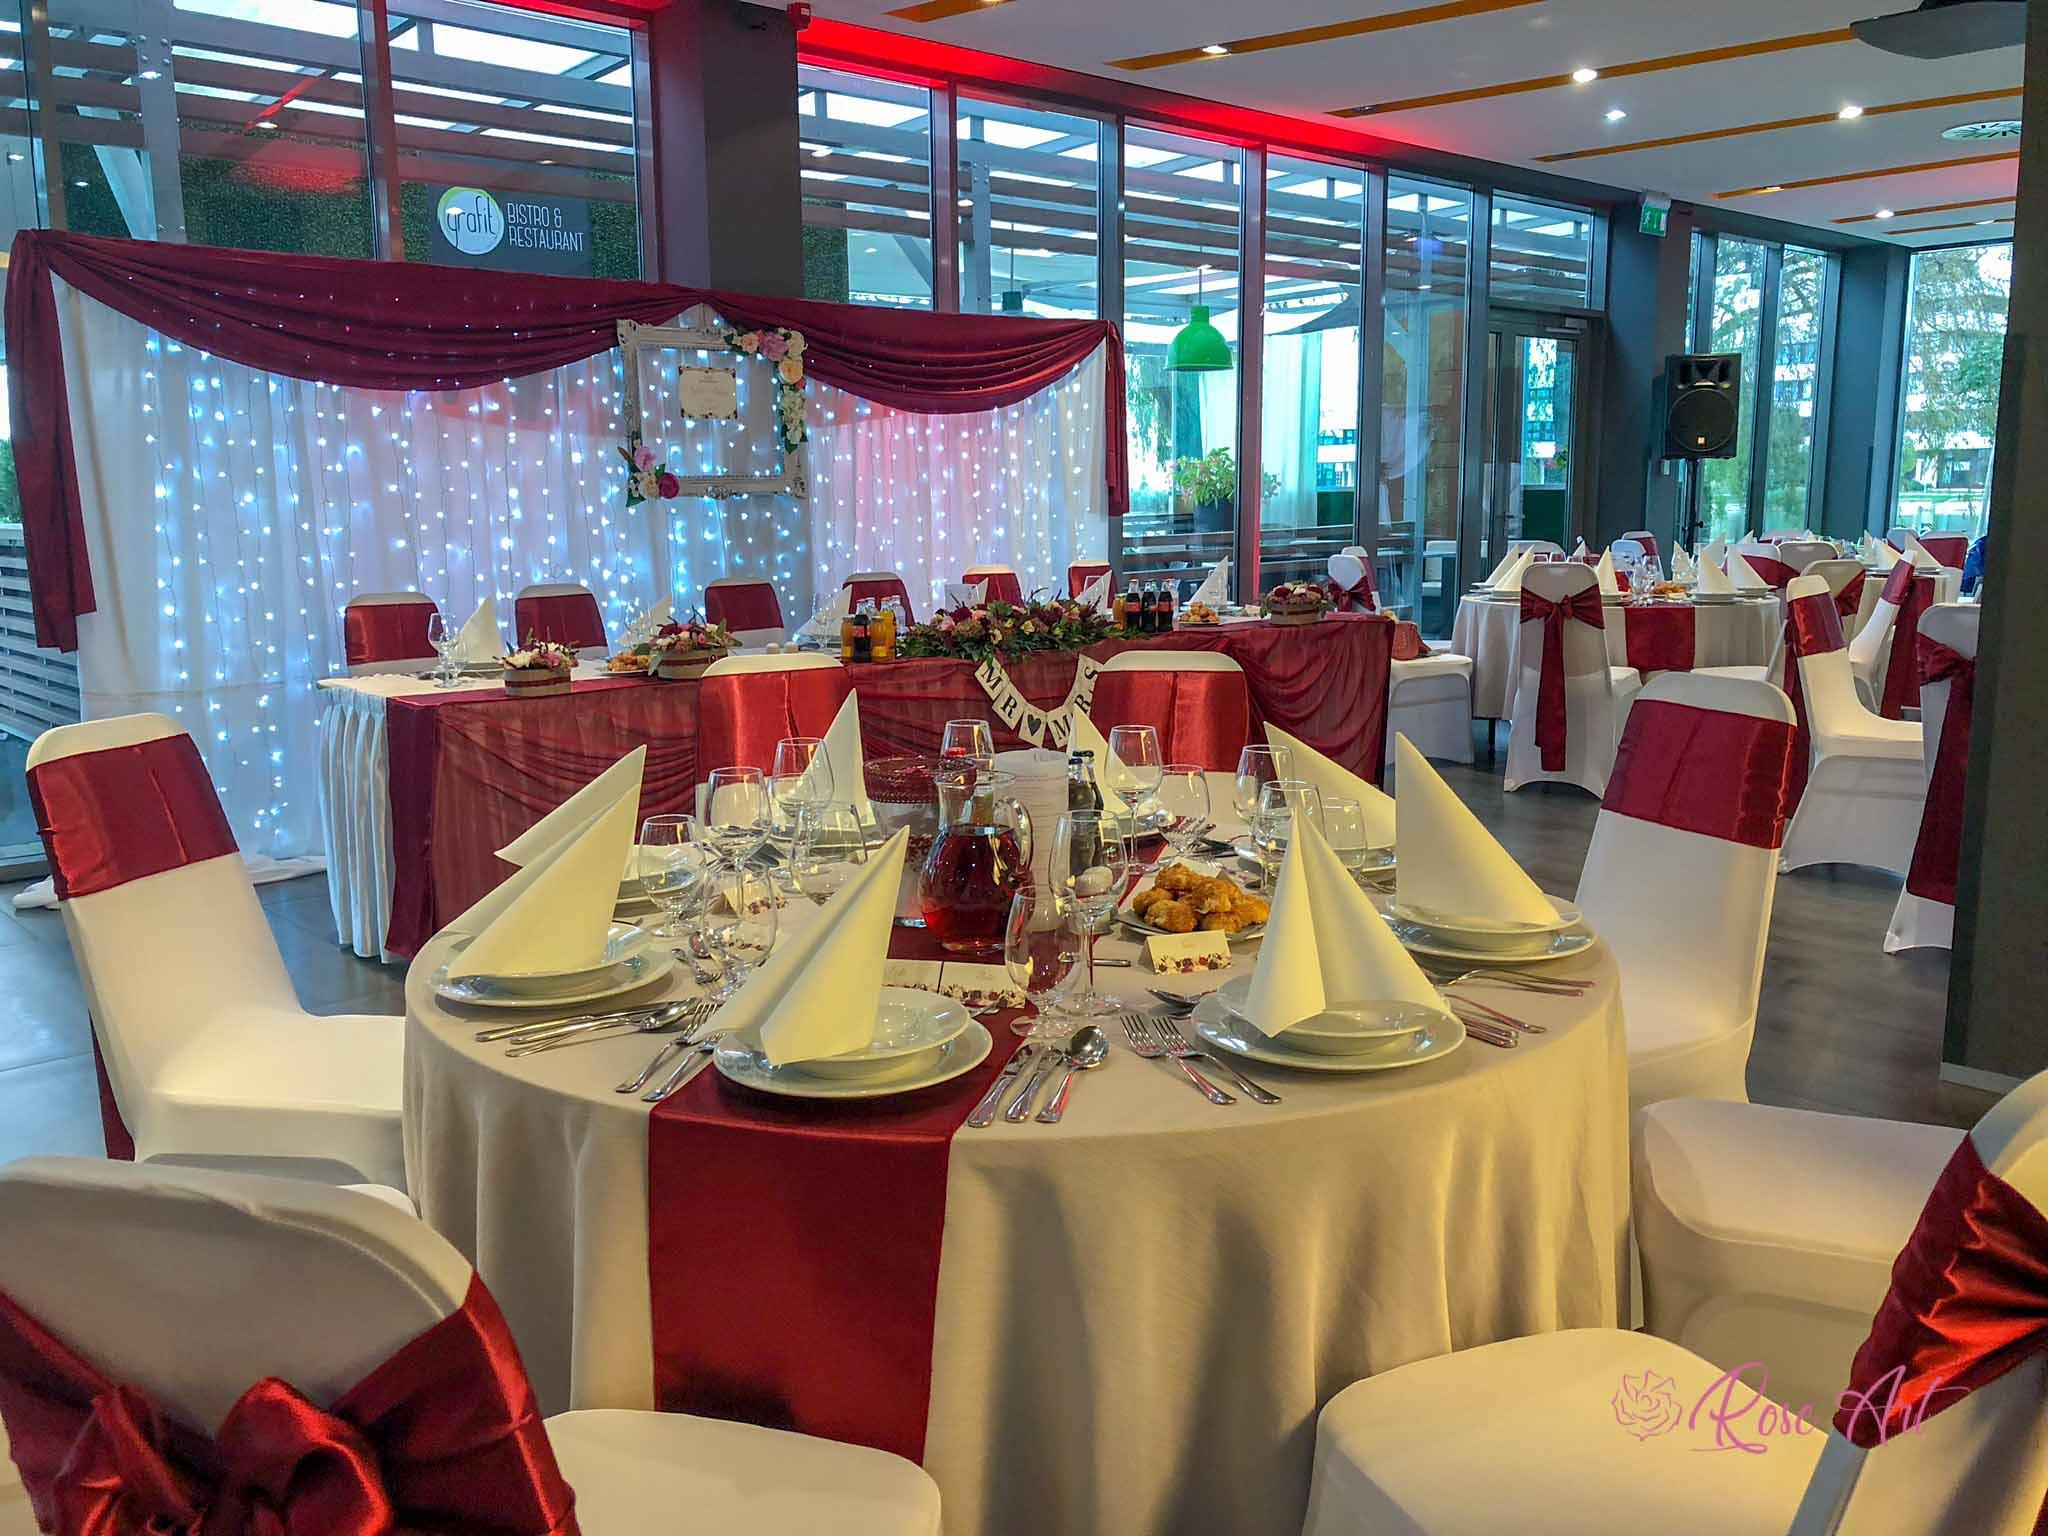 RoseArt Esküvő Klasszikus Bordó Körasztal Székszoknya Masni Háttérdekoráció Szalvétadísz